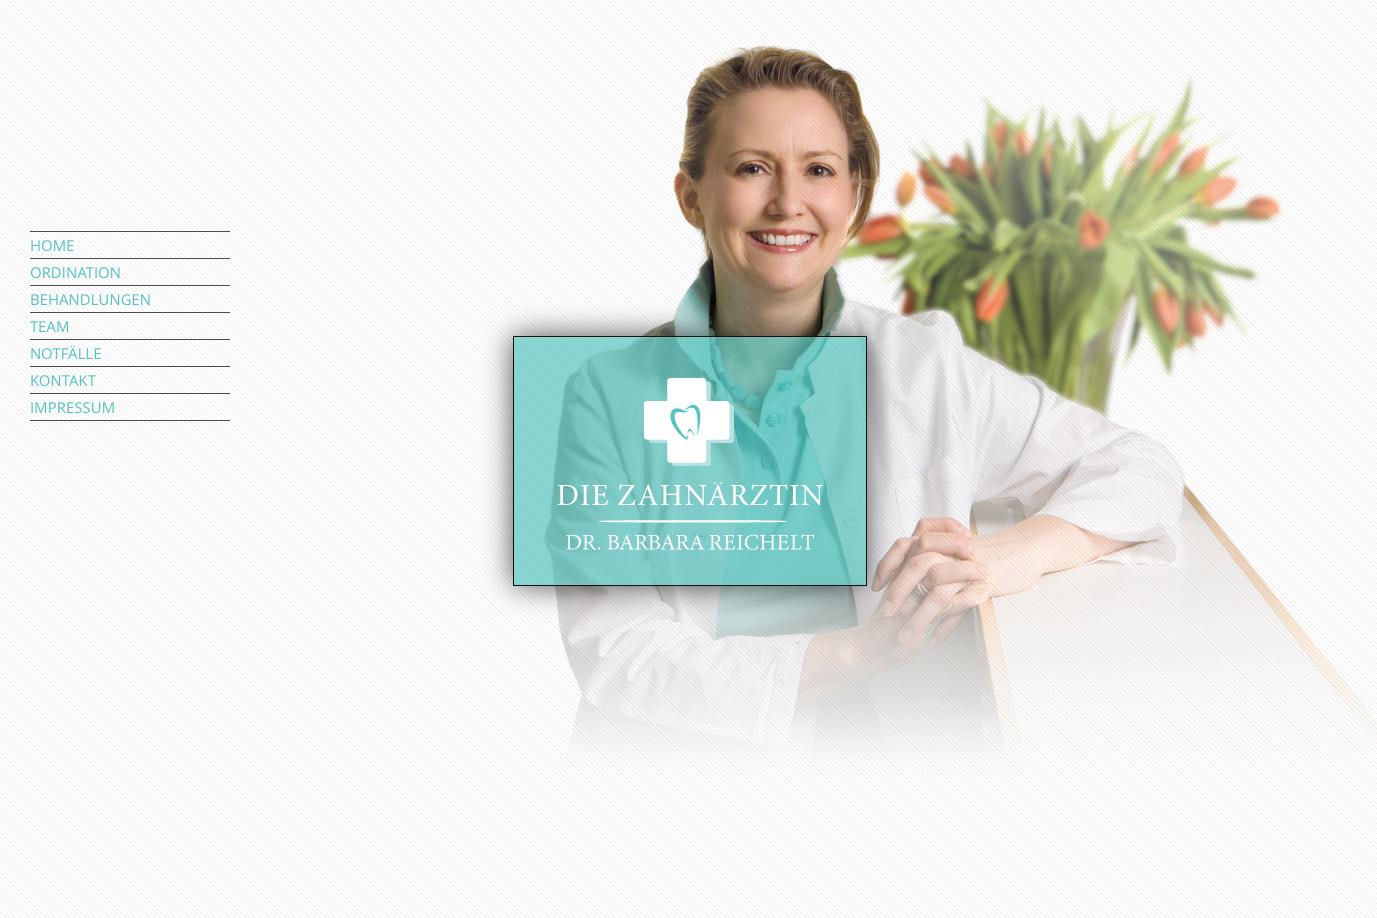 Die Zahnärztin – Dr. Barbara Reichelt